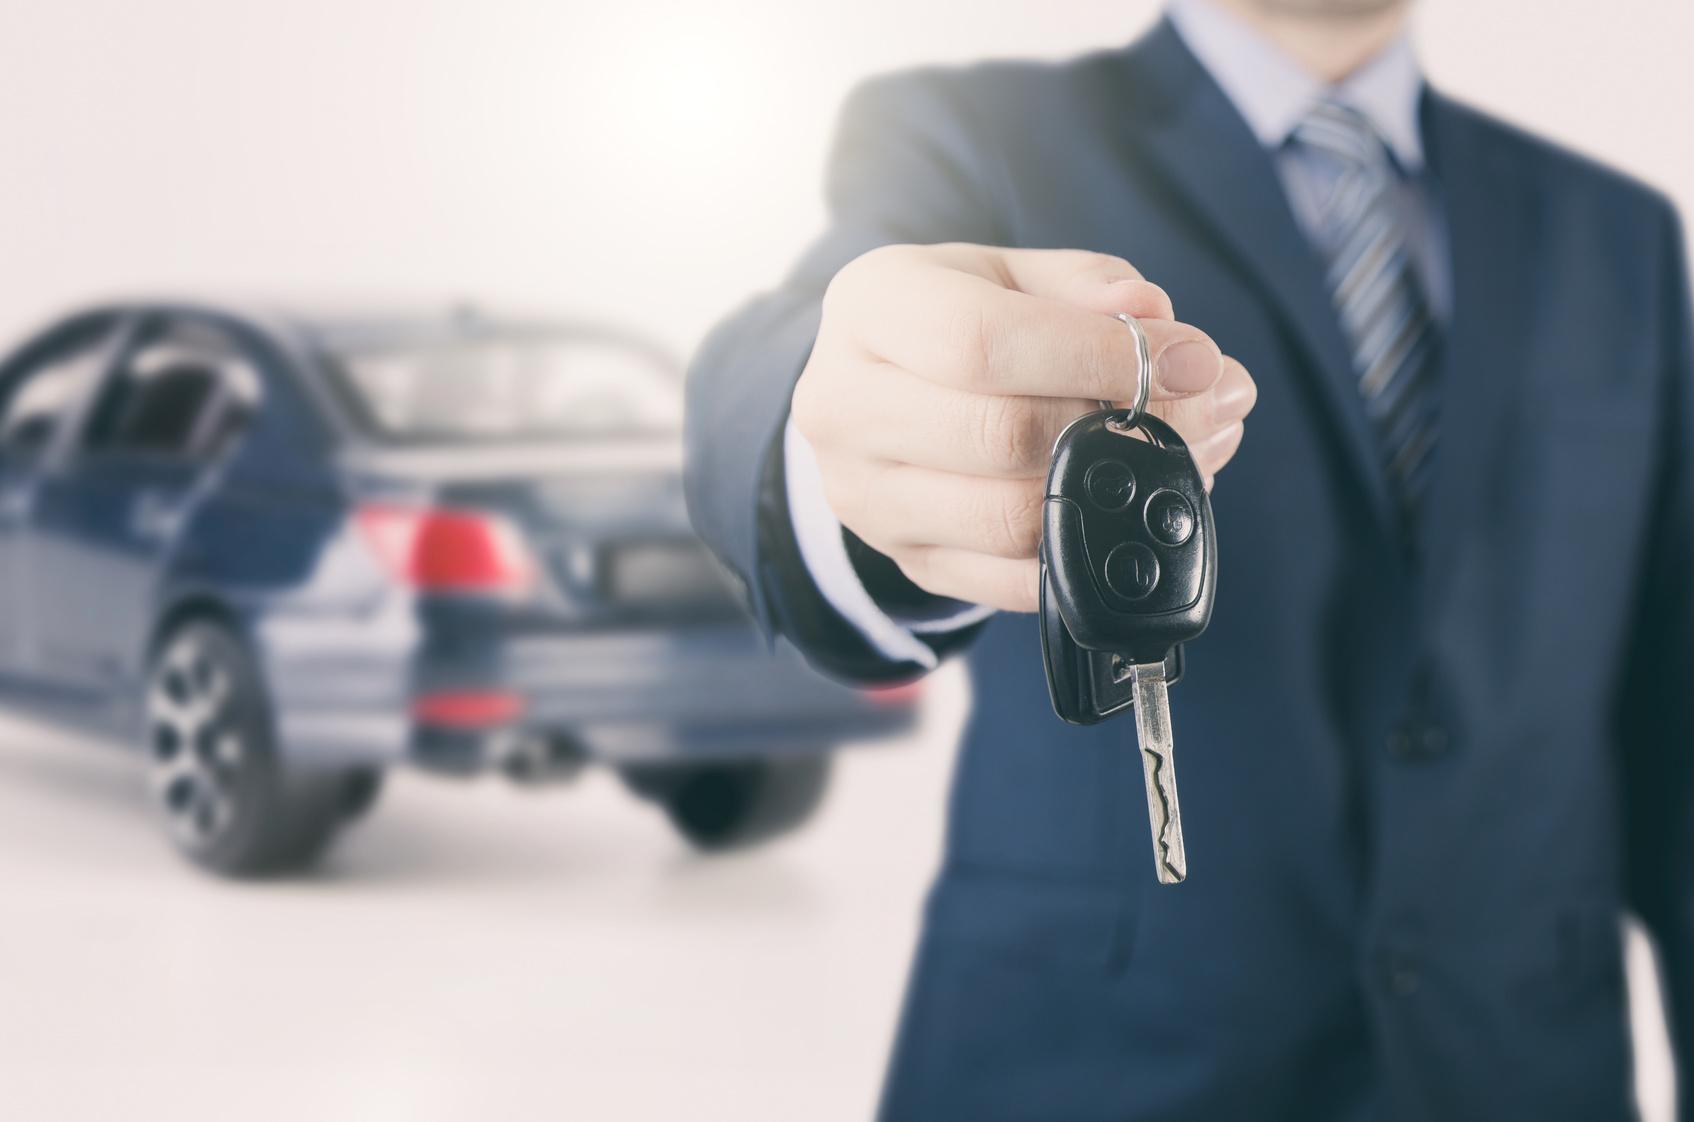 Zakończenie leasingu samochodowego i wykup - jak to wygląda?